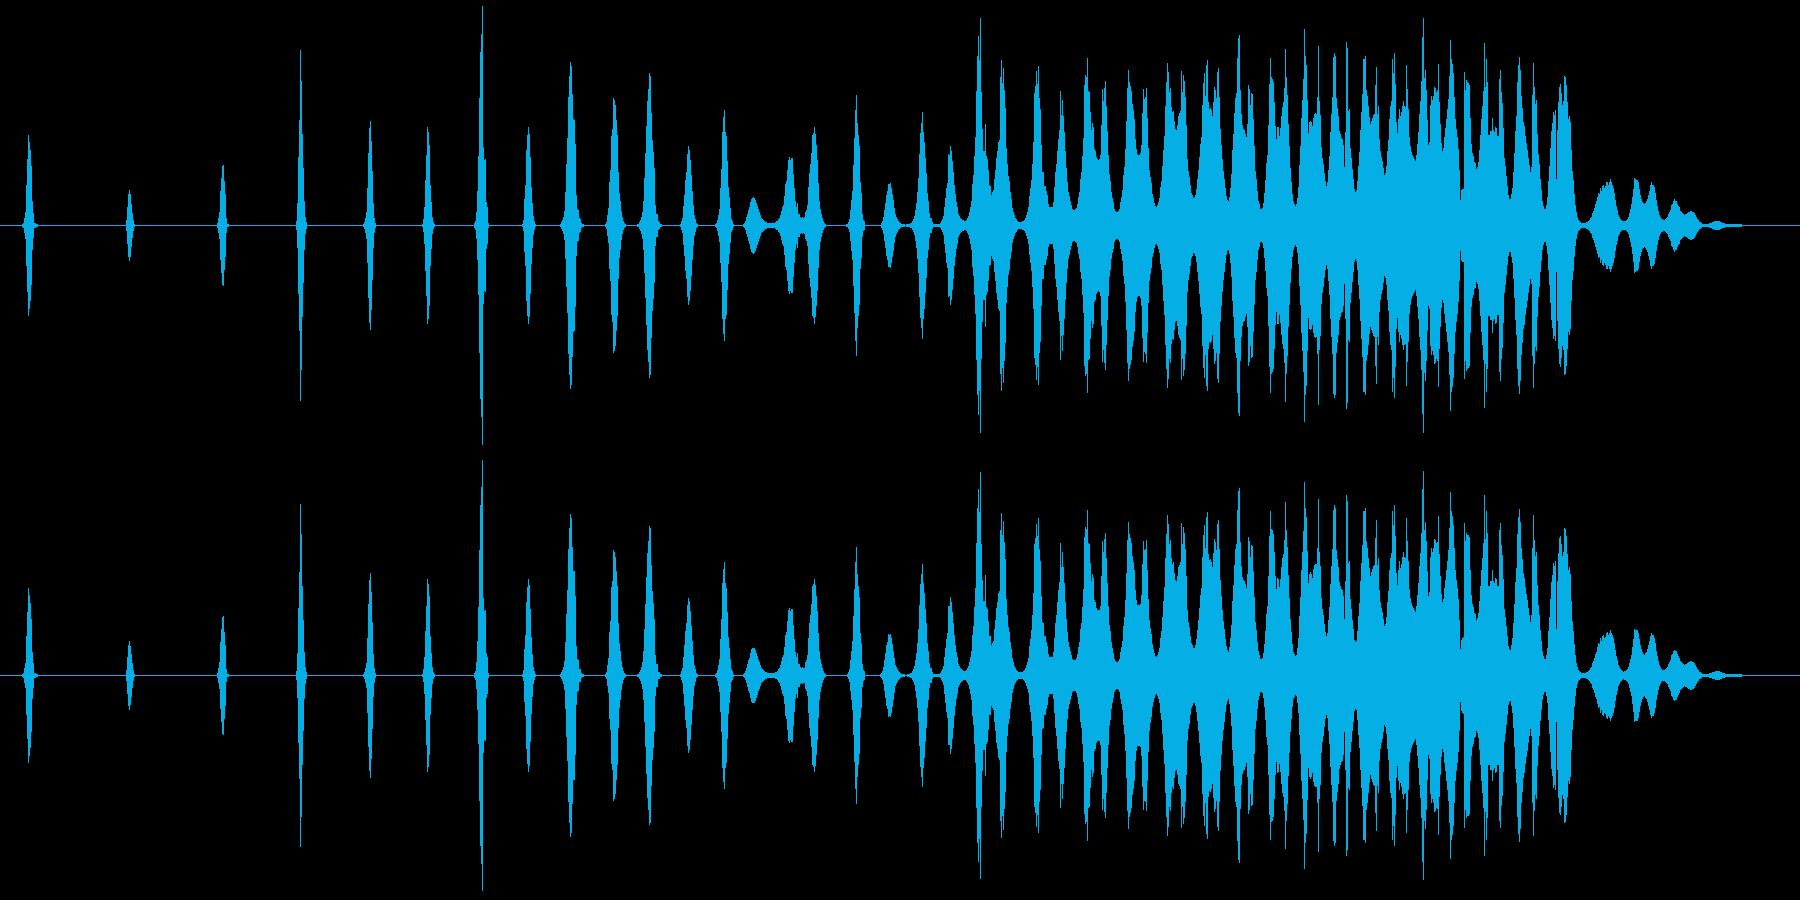 レトロなスワイプ、スペースシューッ...の再生済みの波形